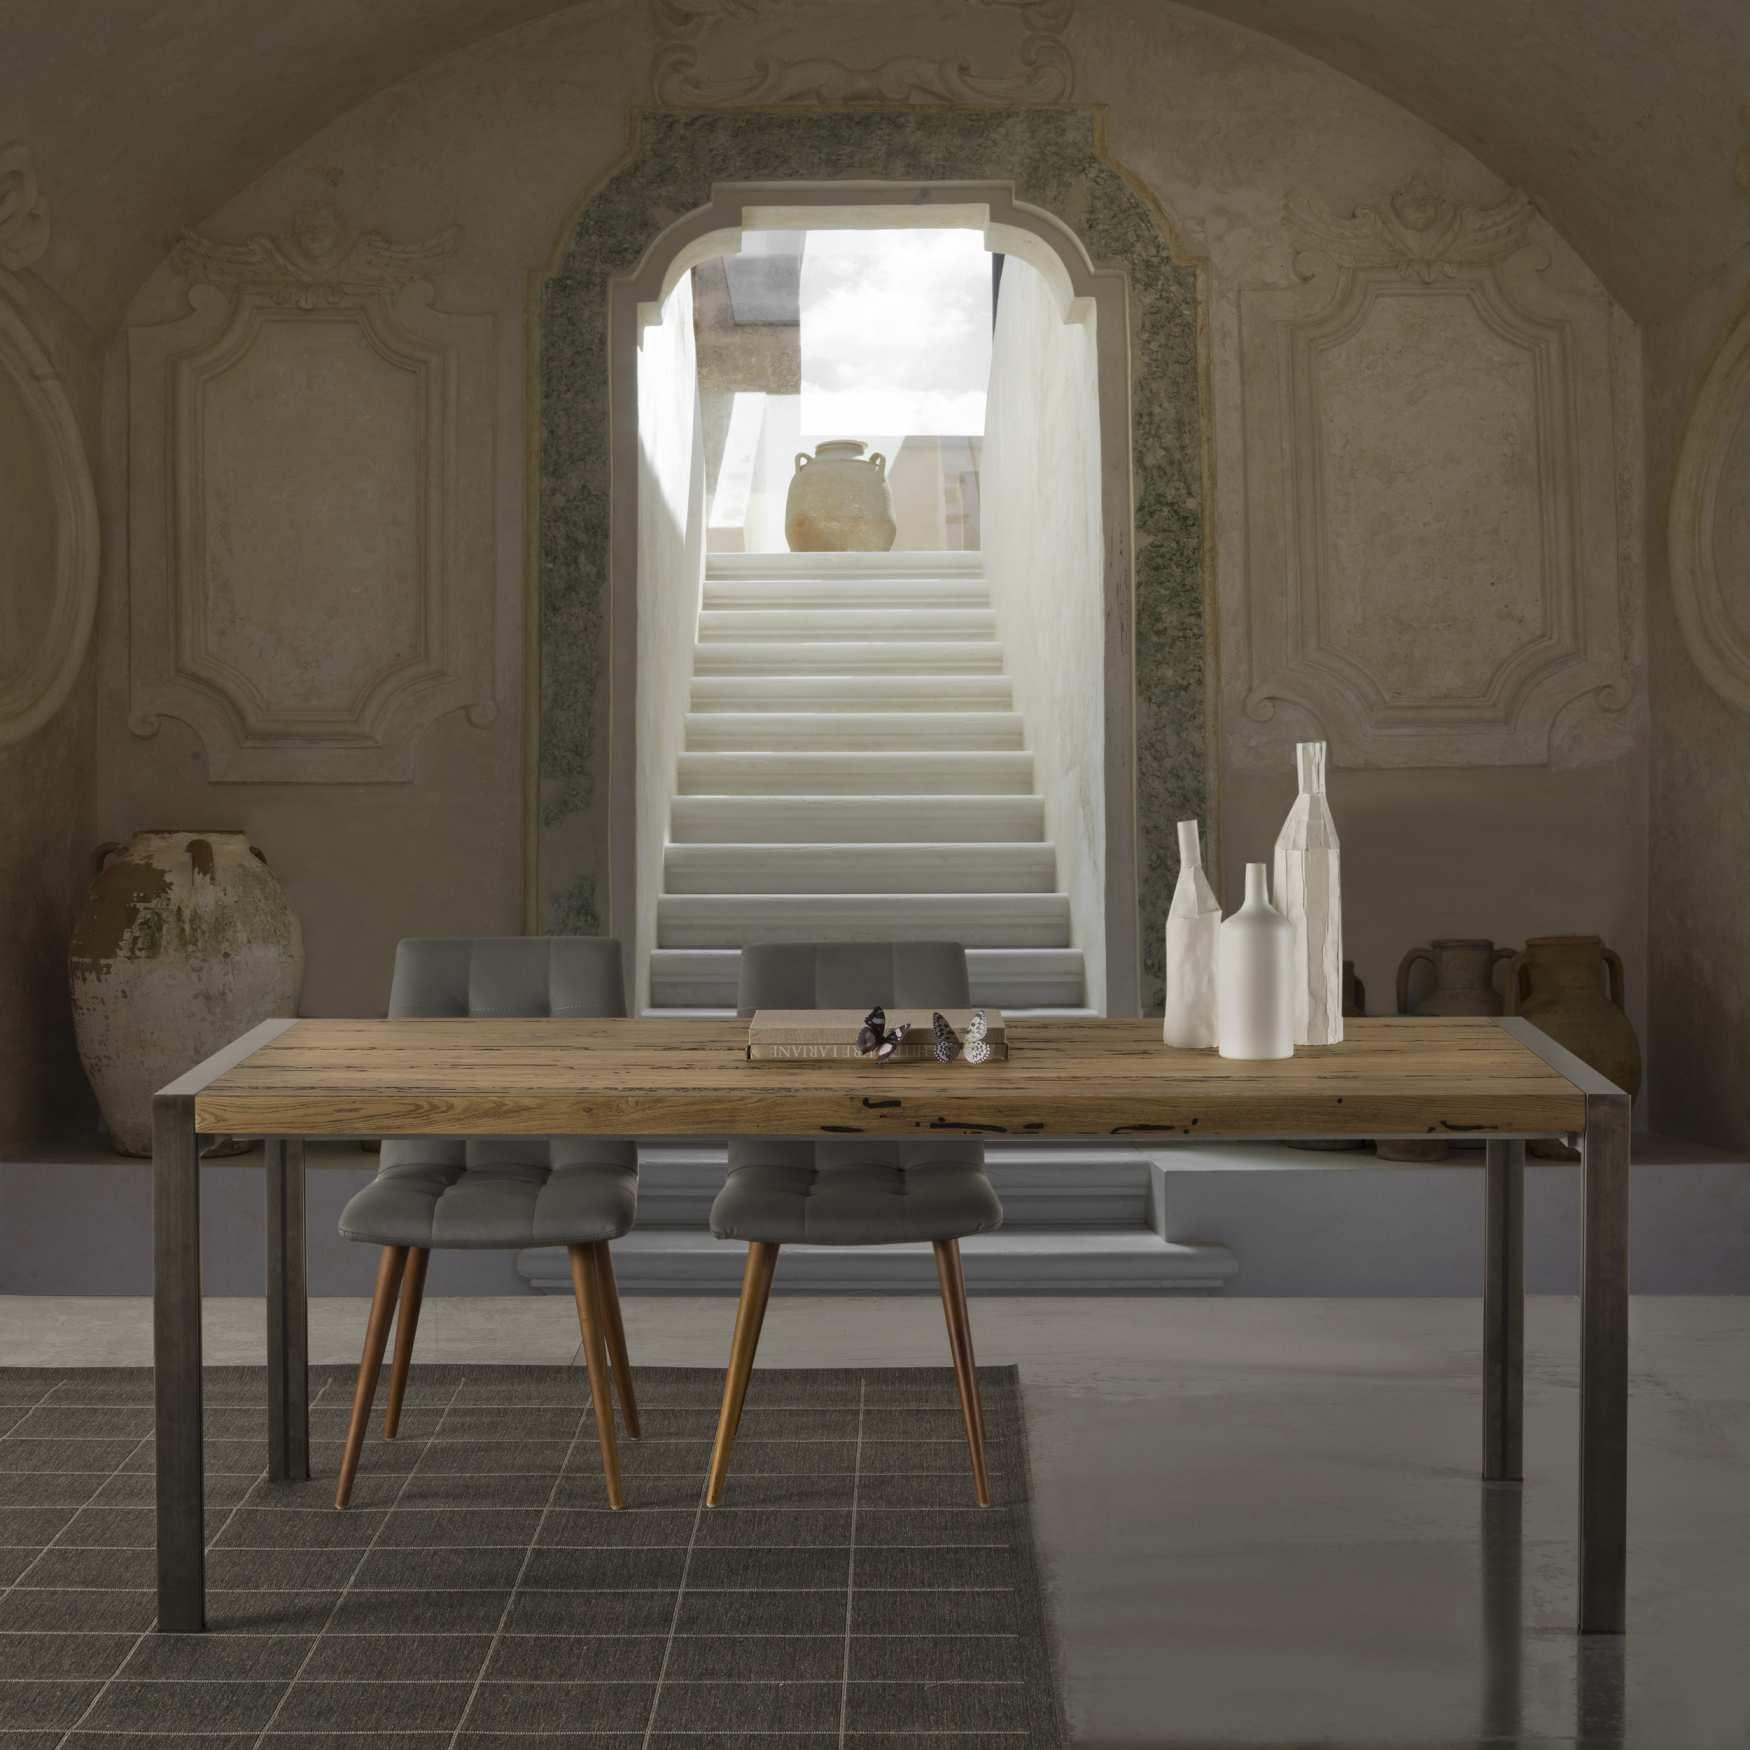 Tavolo design legno skinny milanomondo - Tavolo in legno design ...